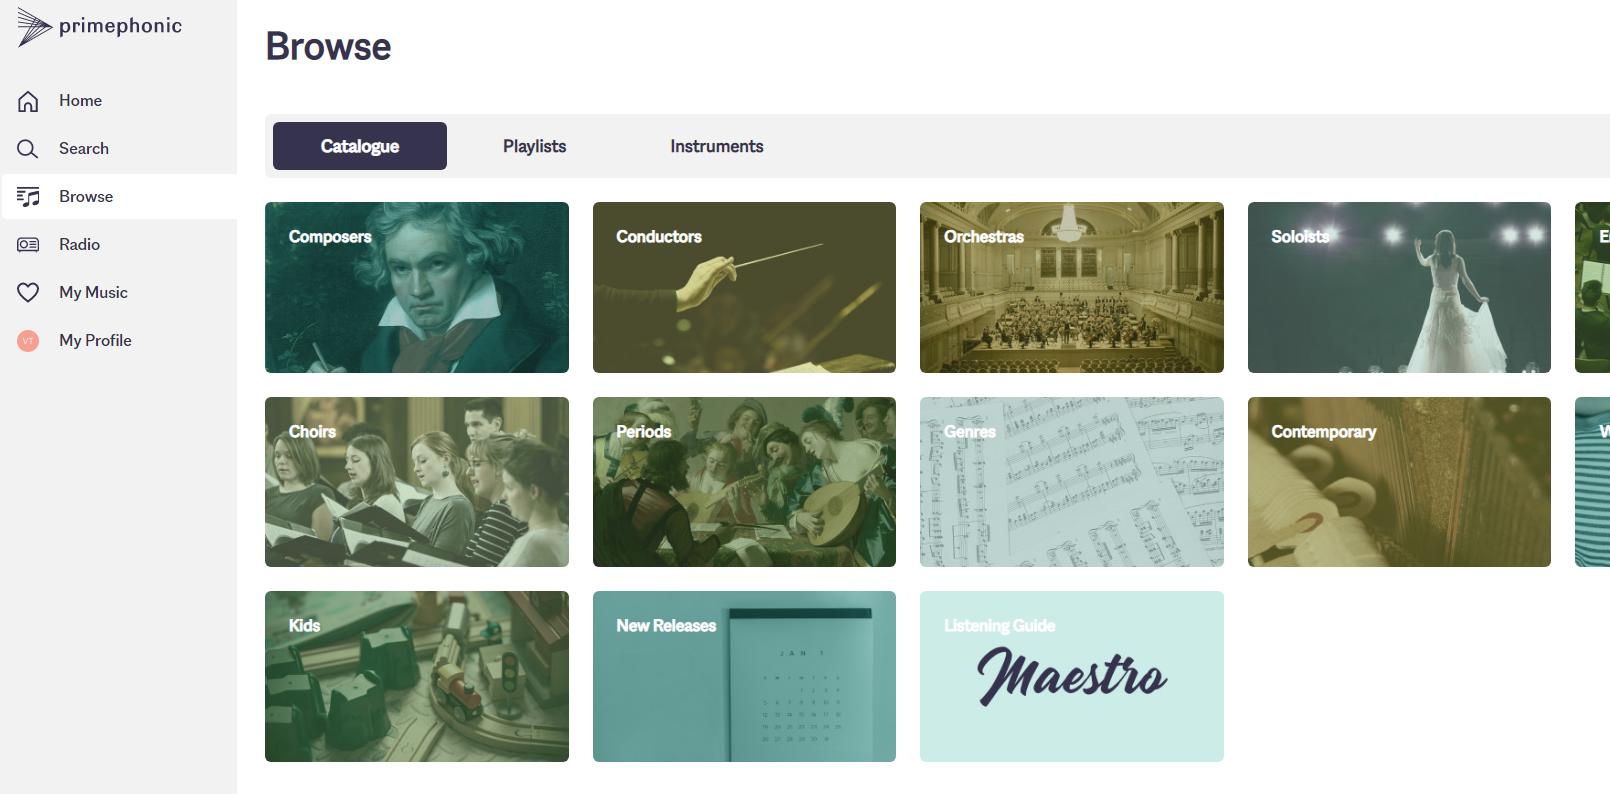 苹果收购了古典音乐流媒体网站Primephonic,将整体并入苹果